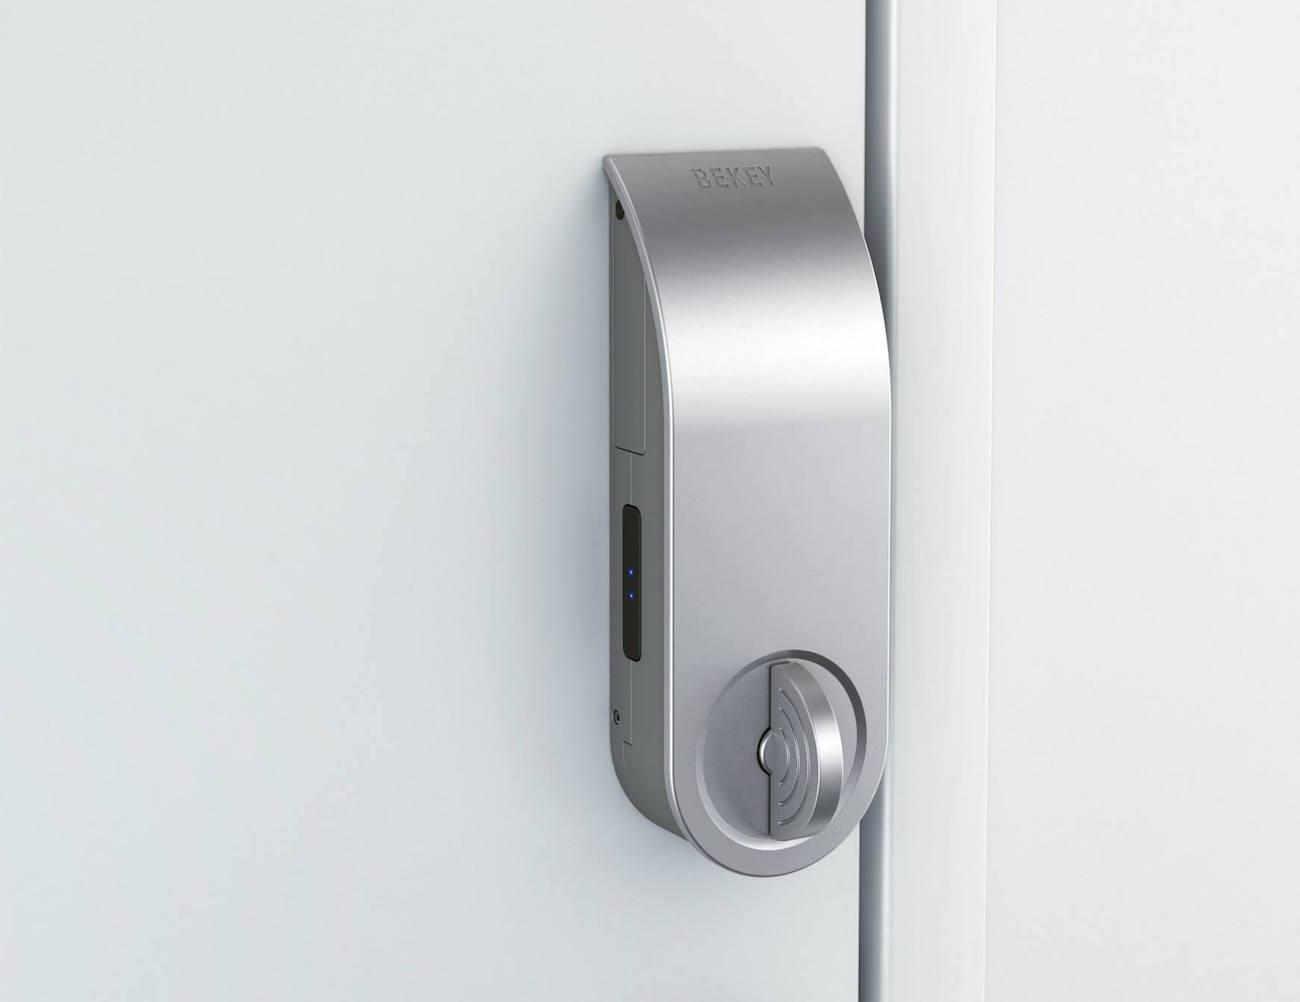 App-Enabled Smart Door Lock by Bekey